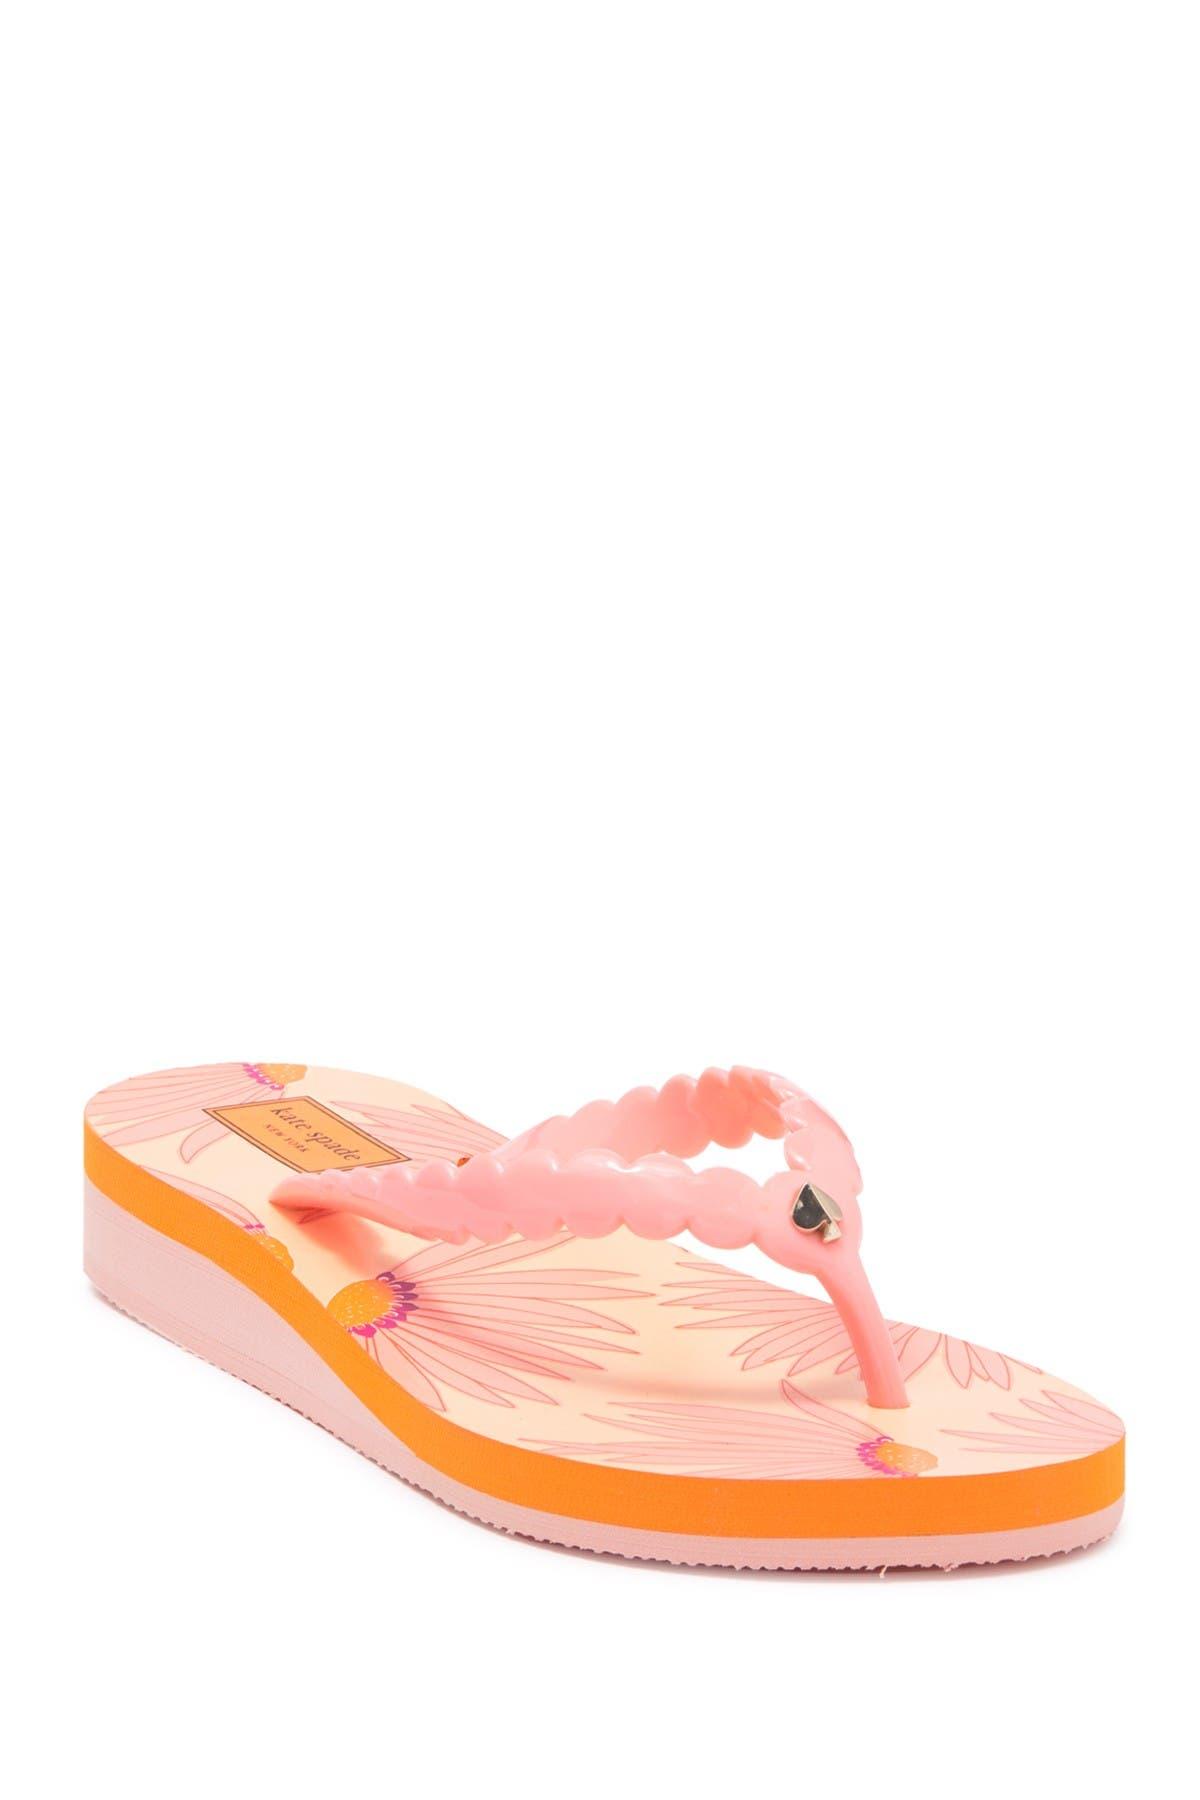 Image of kate spade new york malta platform flip flop sandal